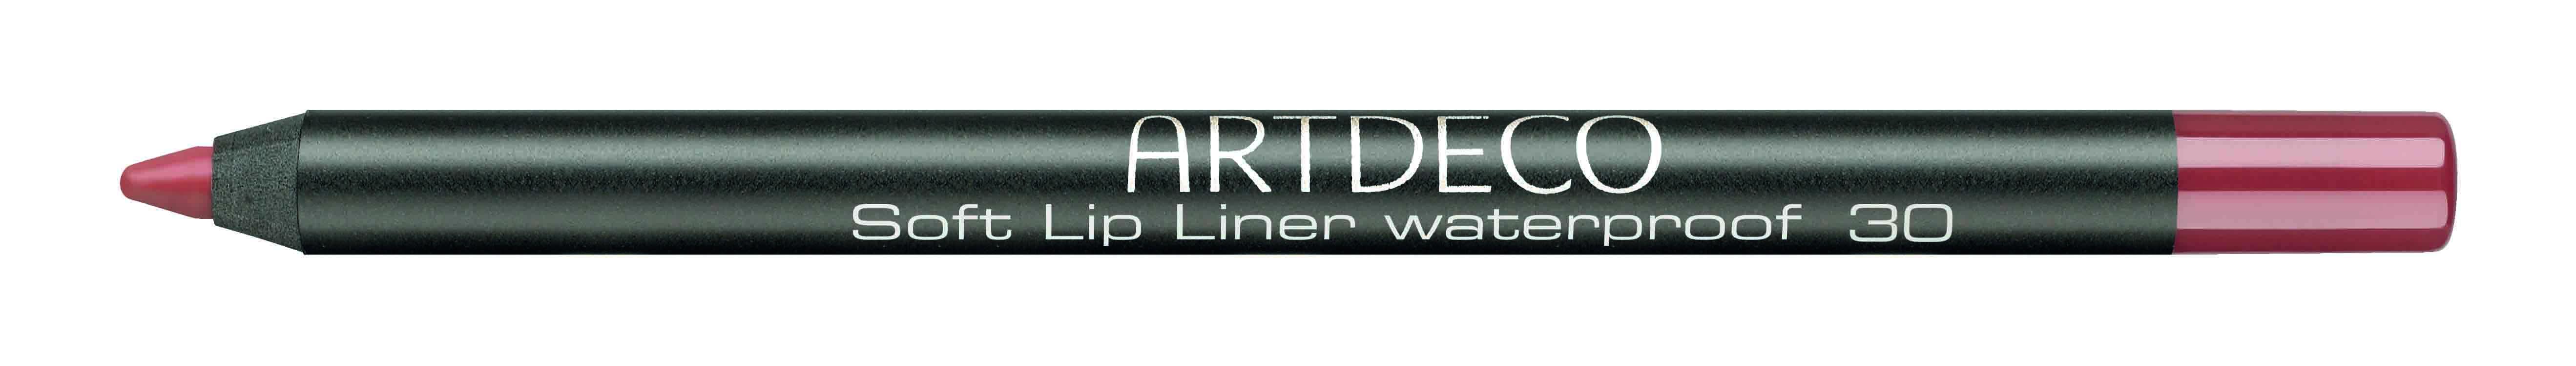 Artdeco карандаш для губ водостойкий 30 1,2г